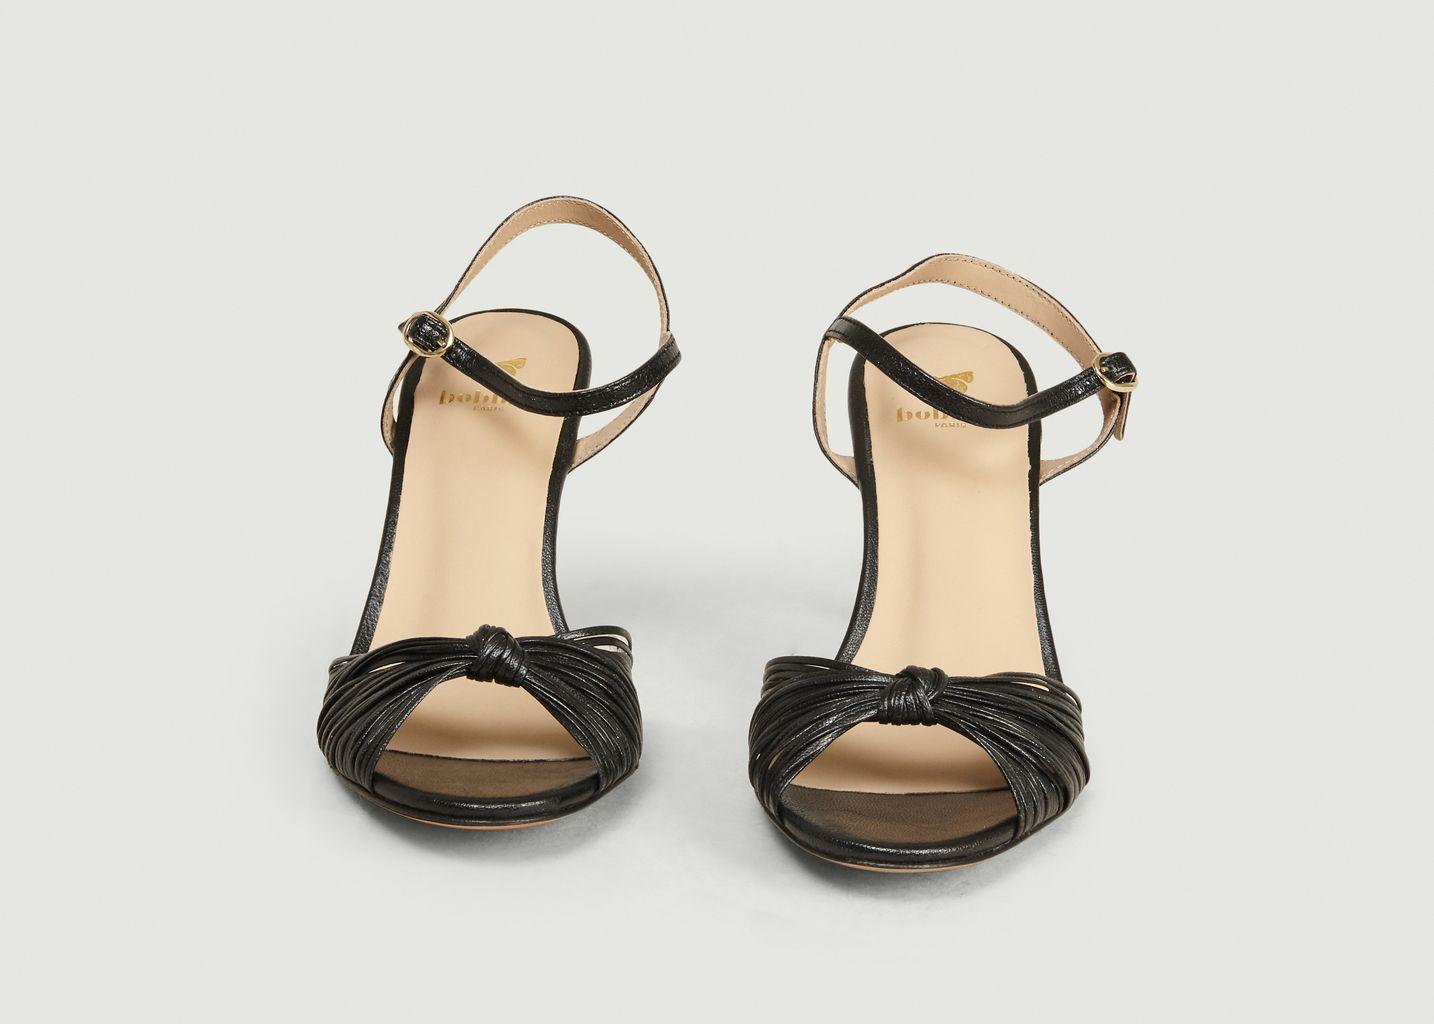 Sandales en cuir laminé La Cosmique - Bobbies Paris